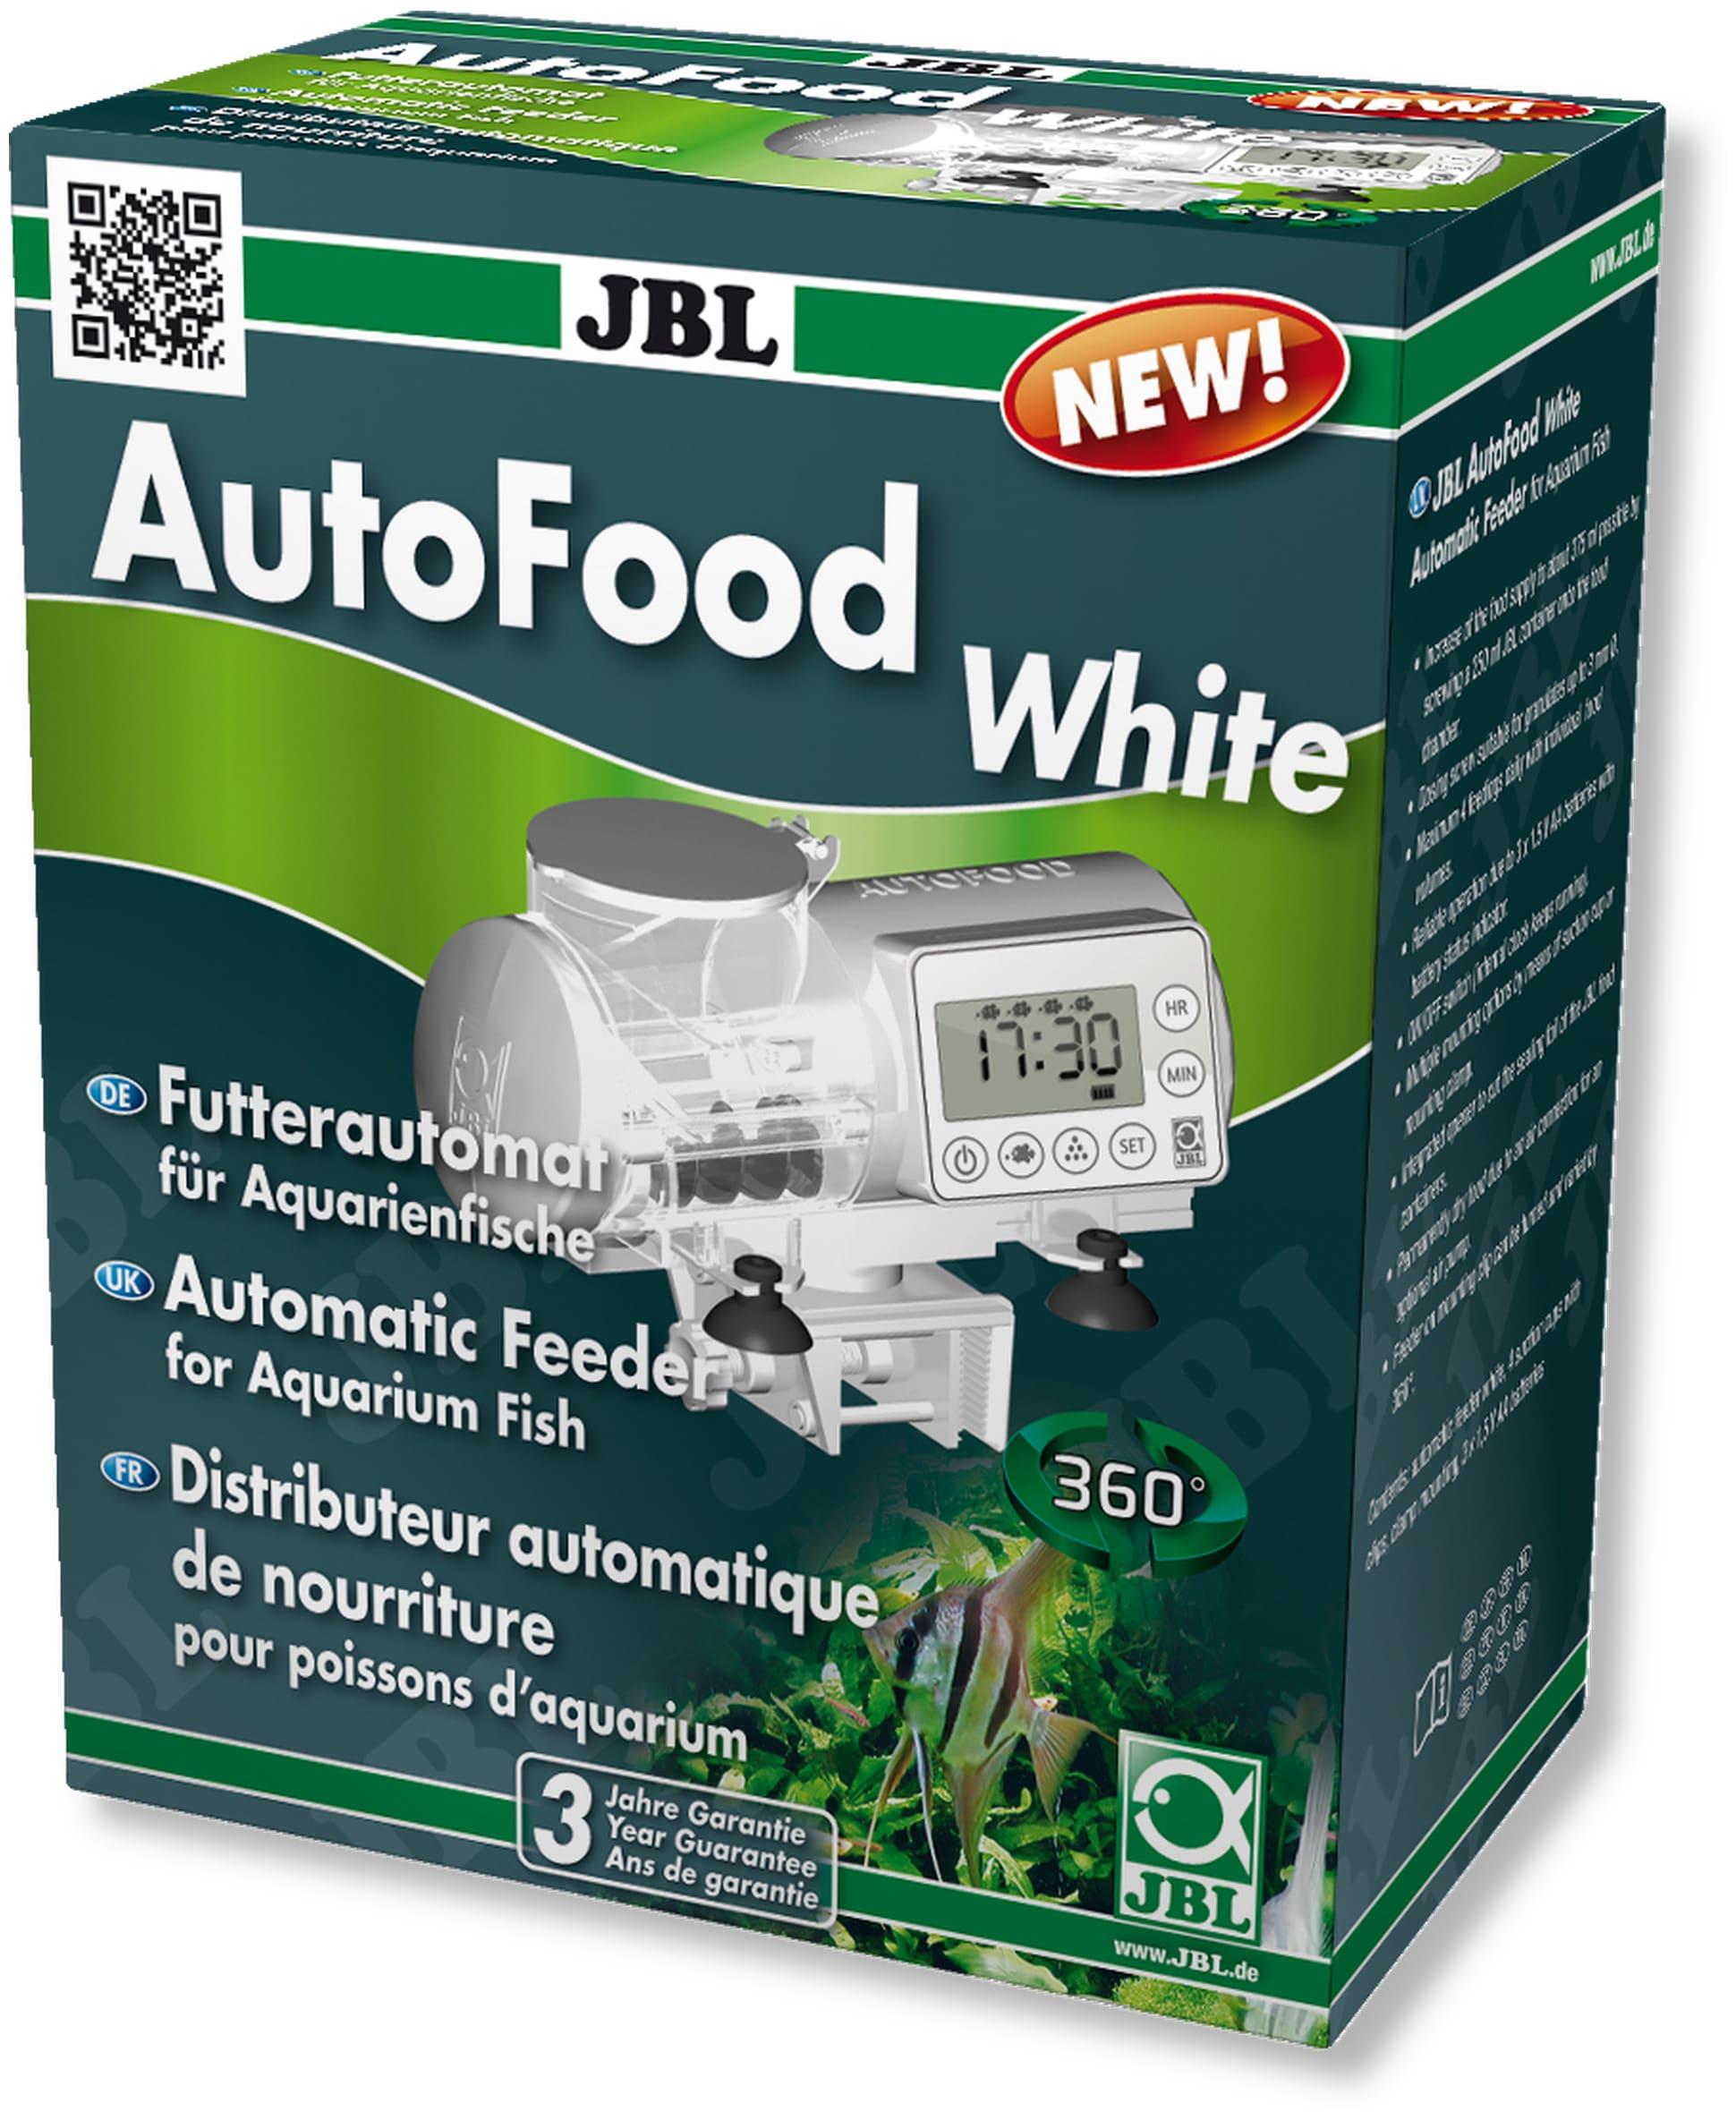 JBL AutoFood White distributeur de nourriture automatique pour aquarium